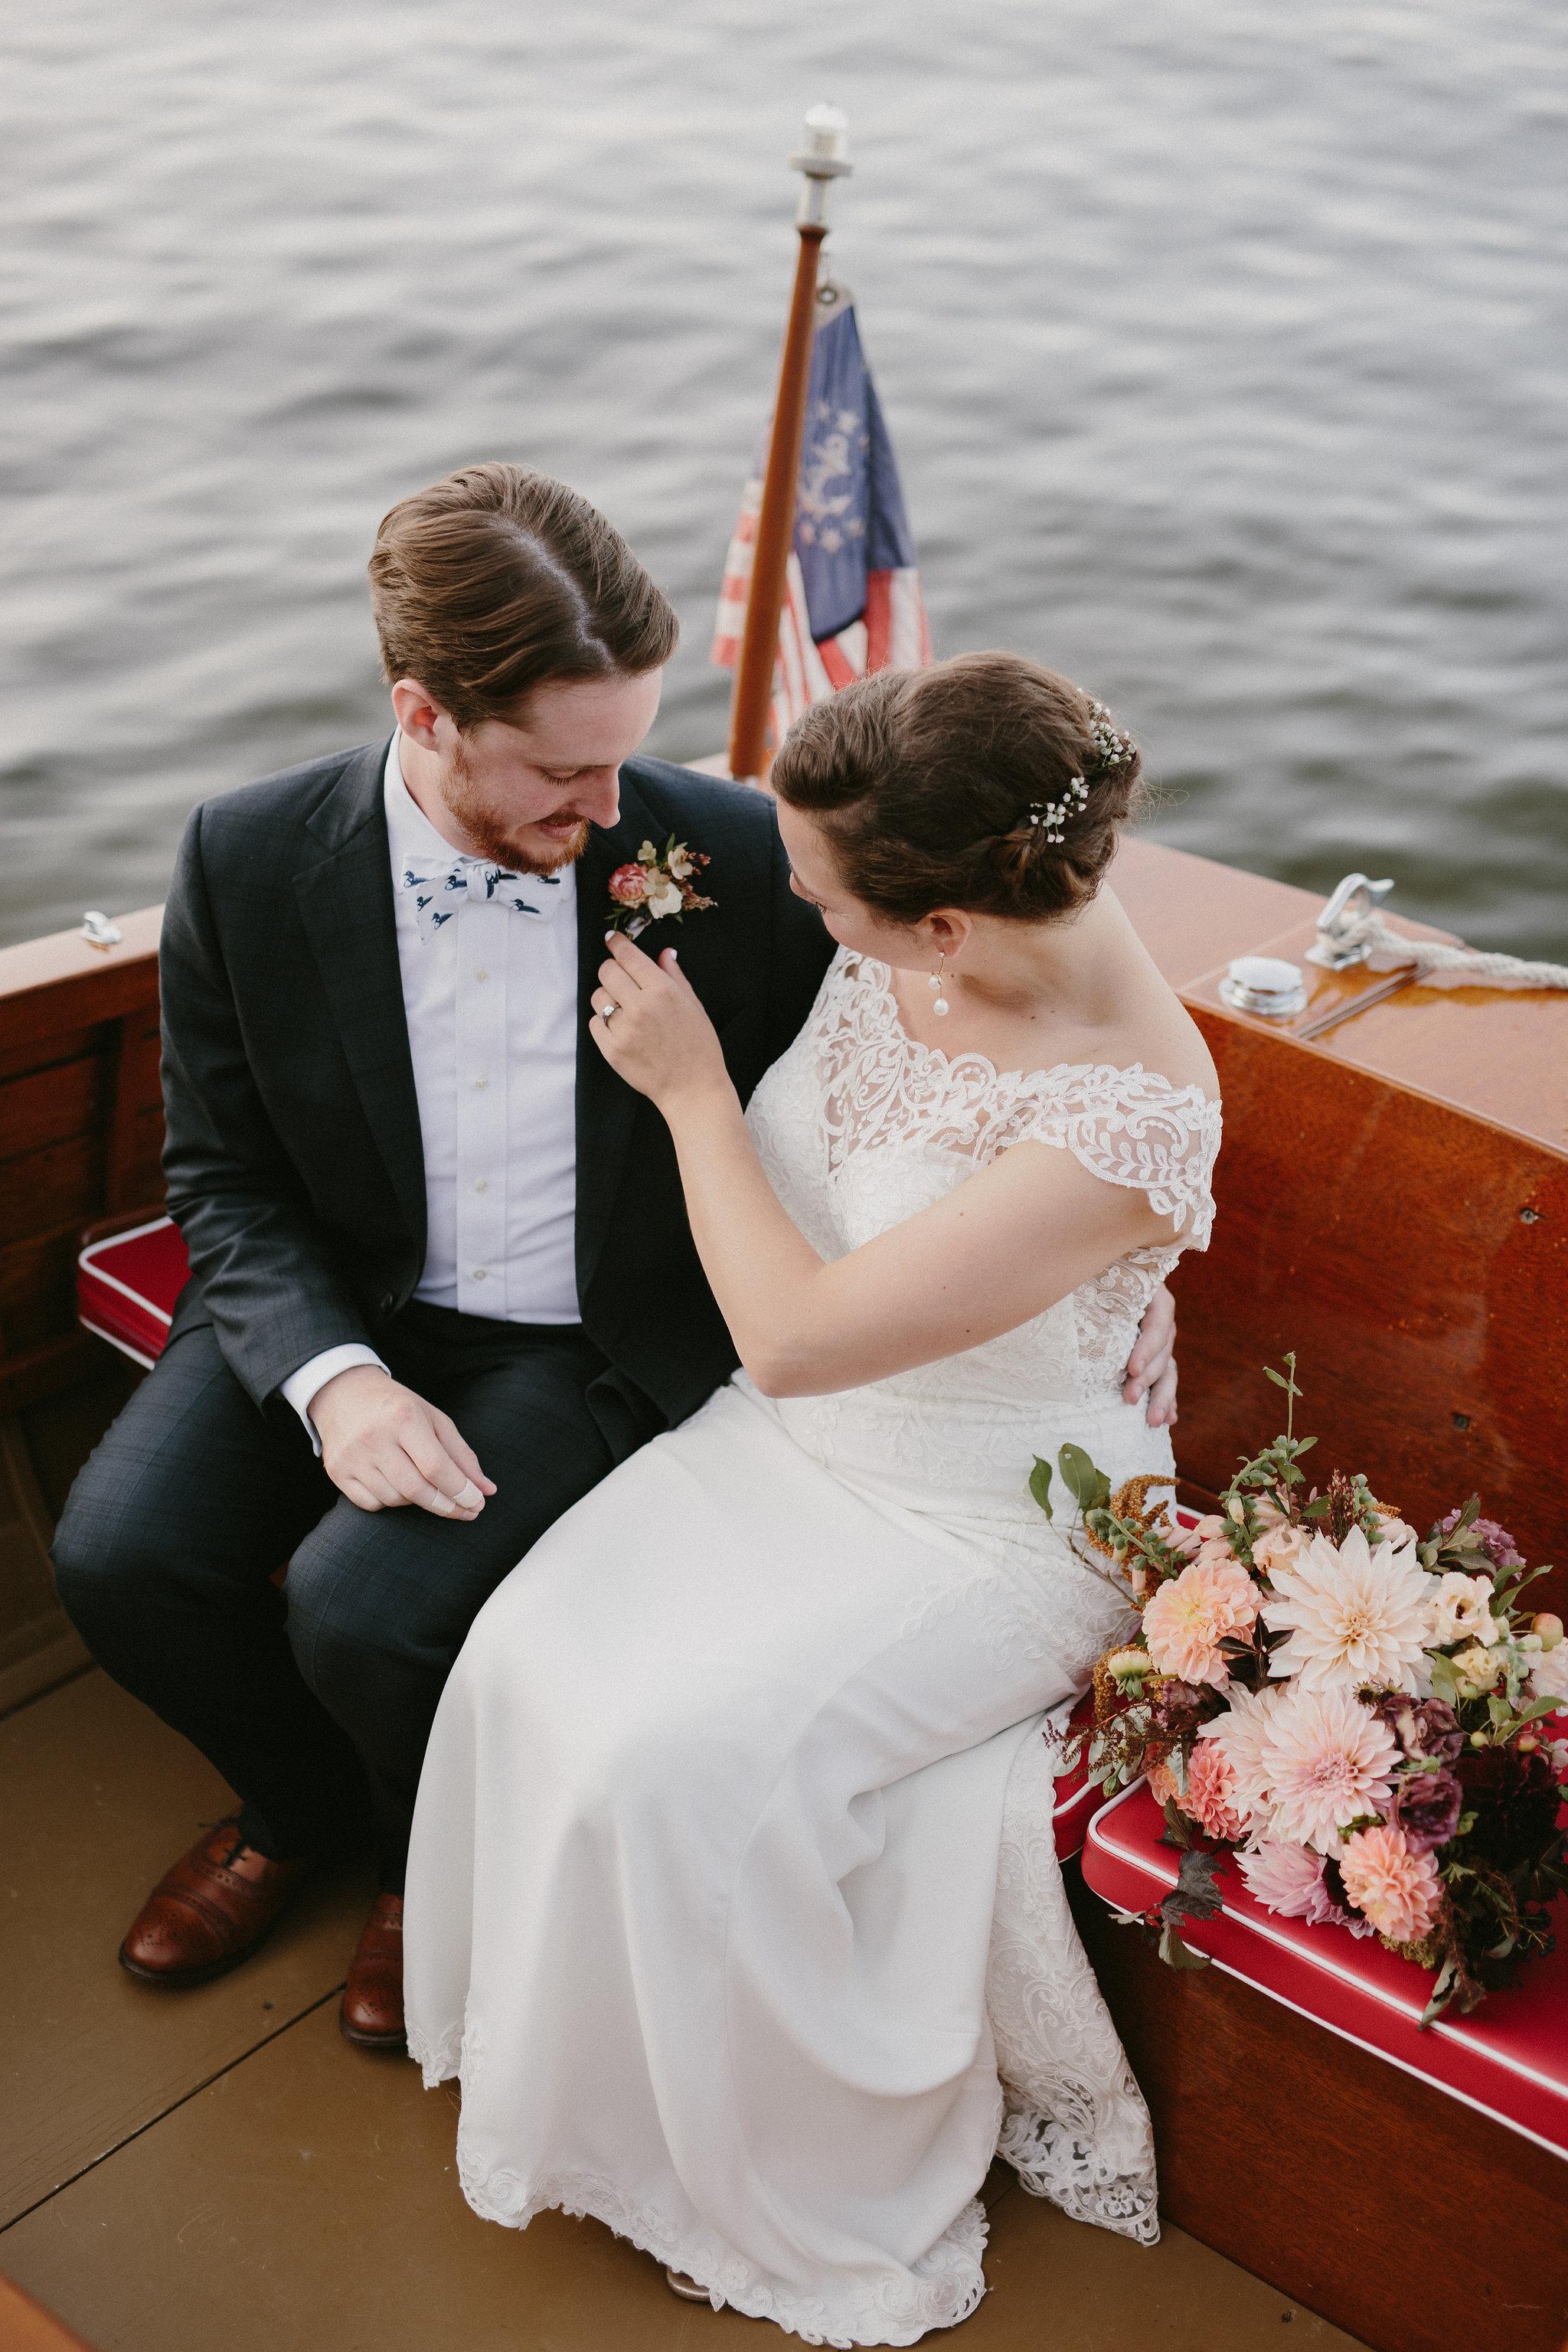 gaddes-jablonowski-wedding-929.jpg